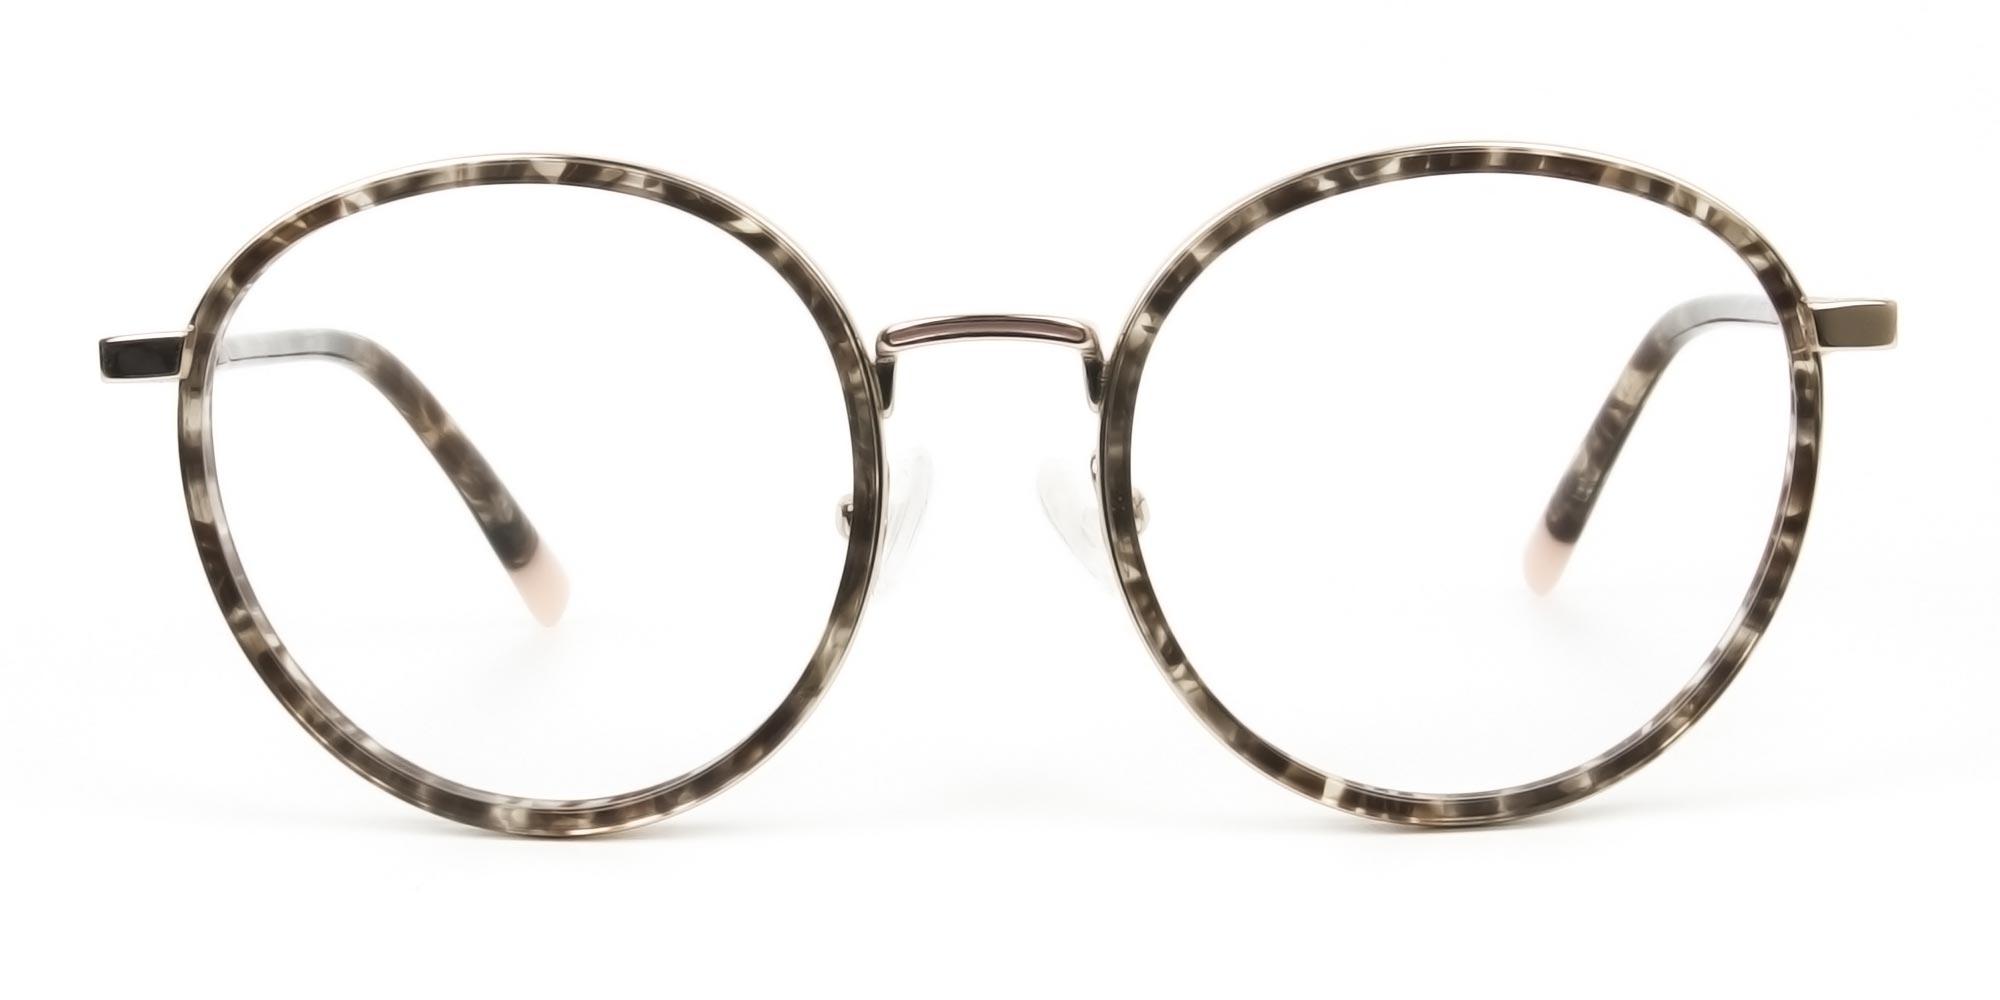 High Nose Bridge Tortoiseshell Glasses